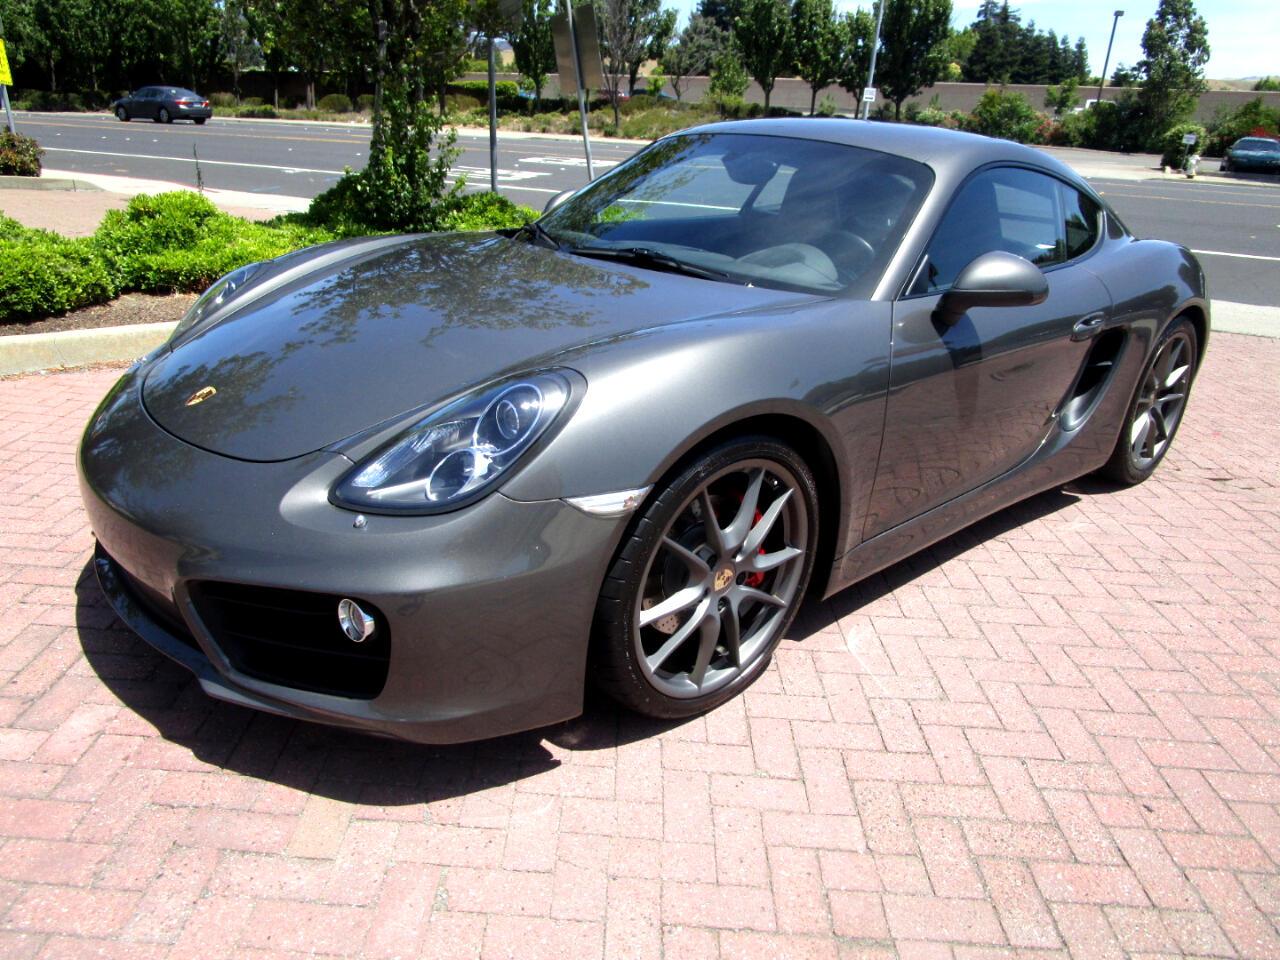 2014 Porsche Cayman S 6 SPEED MANUAL*HEAT/AC SEATS*NAV*SAT*BLUETOOTH*